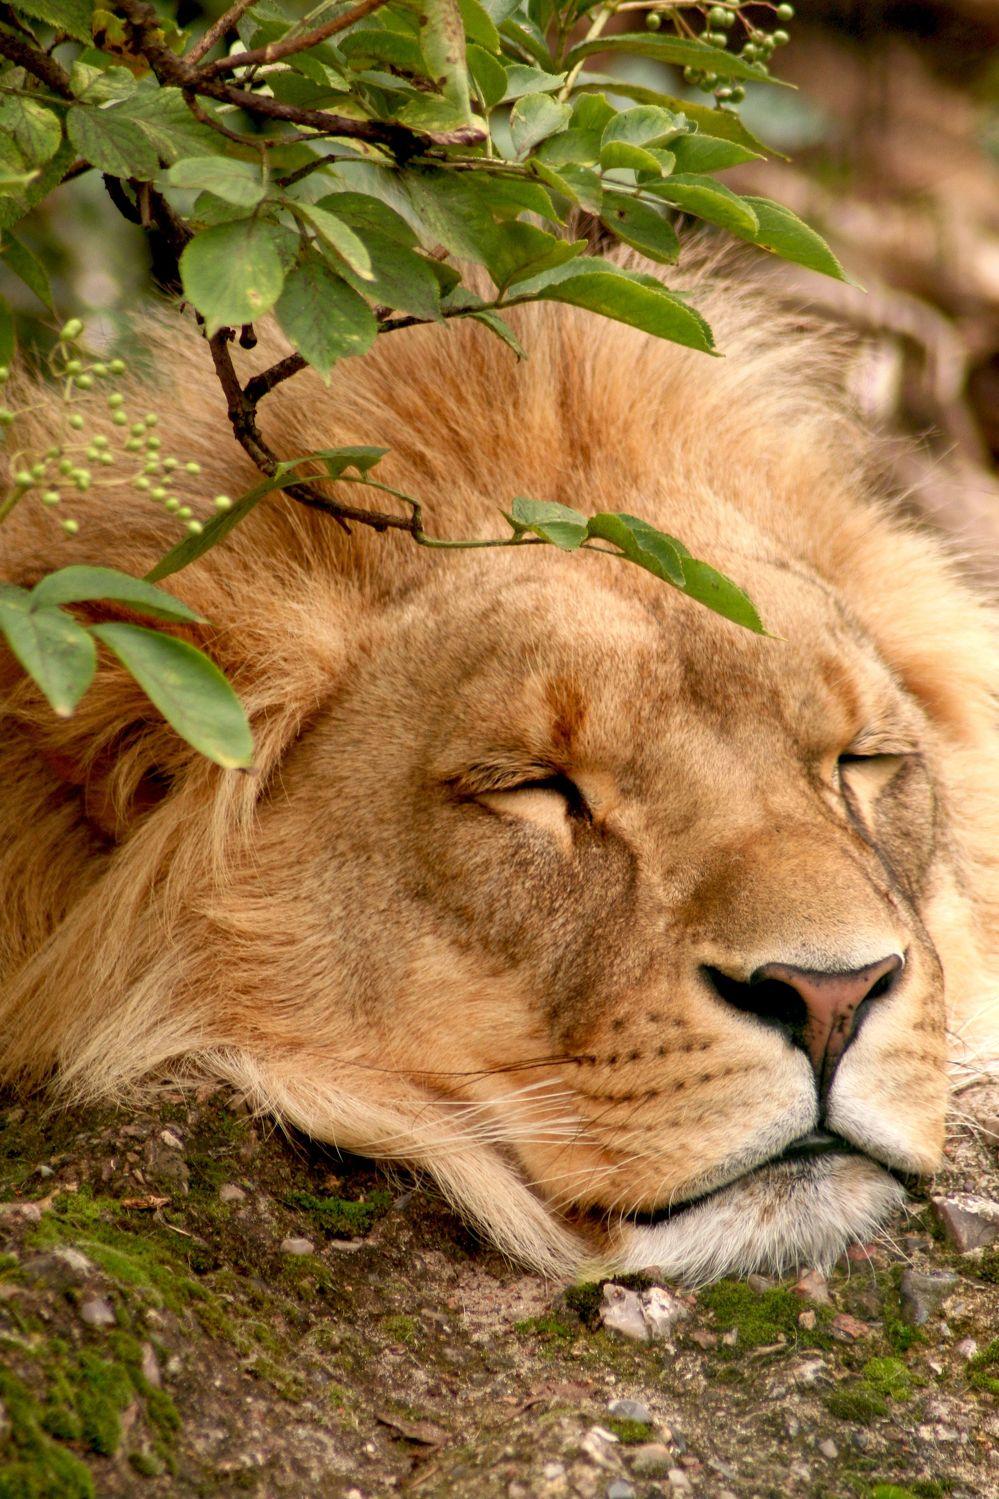 Bild mit Tiere, Säugetiere, Parks, Zoos, Raubtiere, Katzenartige, Löwen, Tier, Löwe